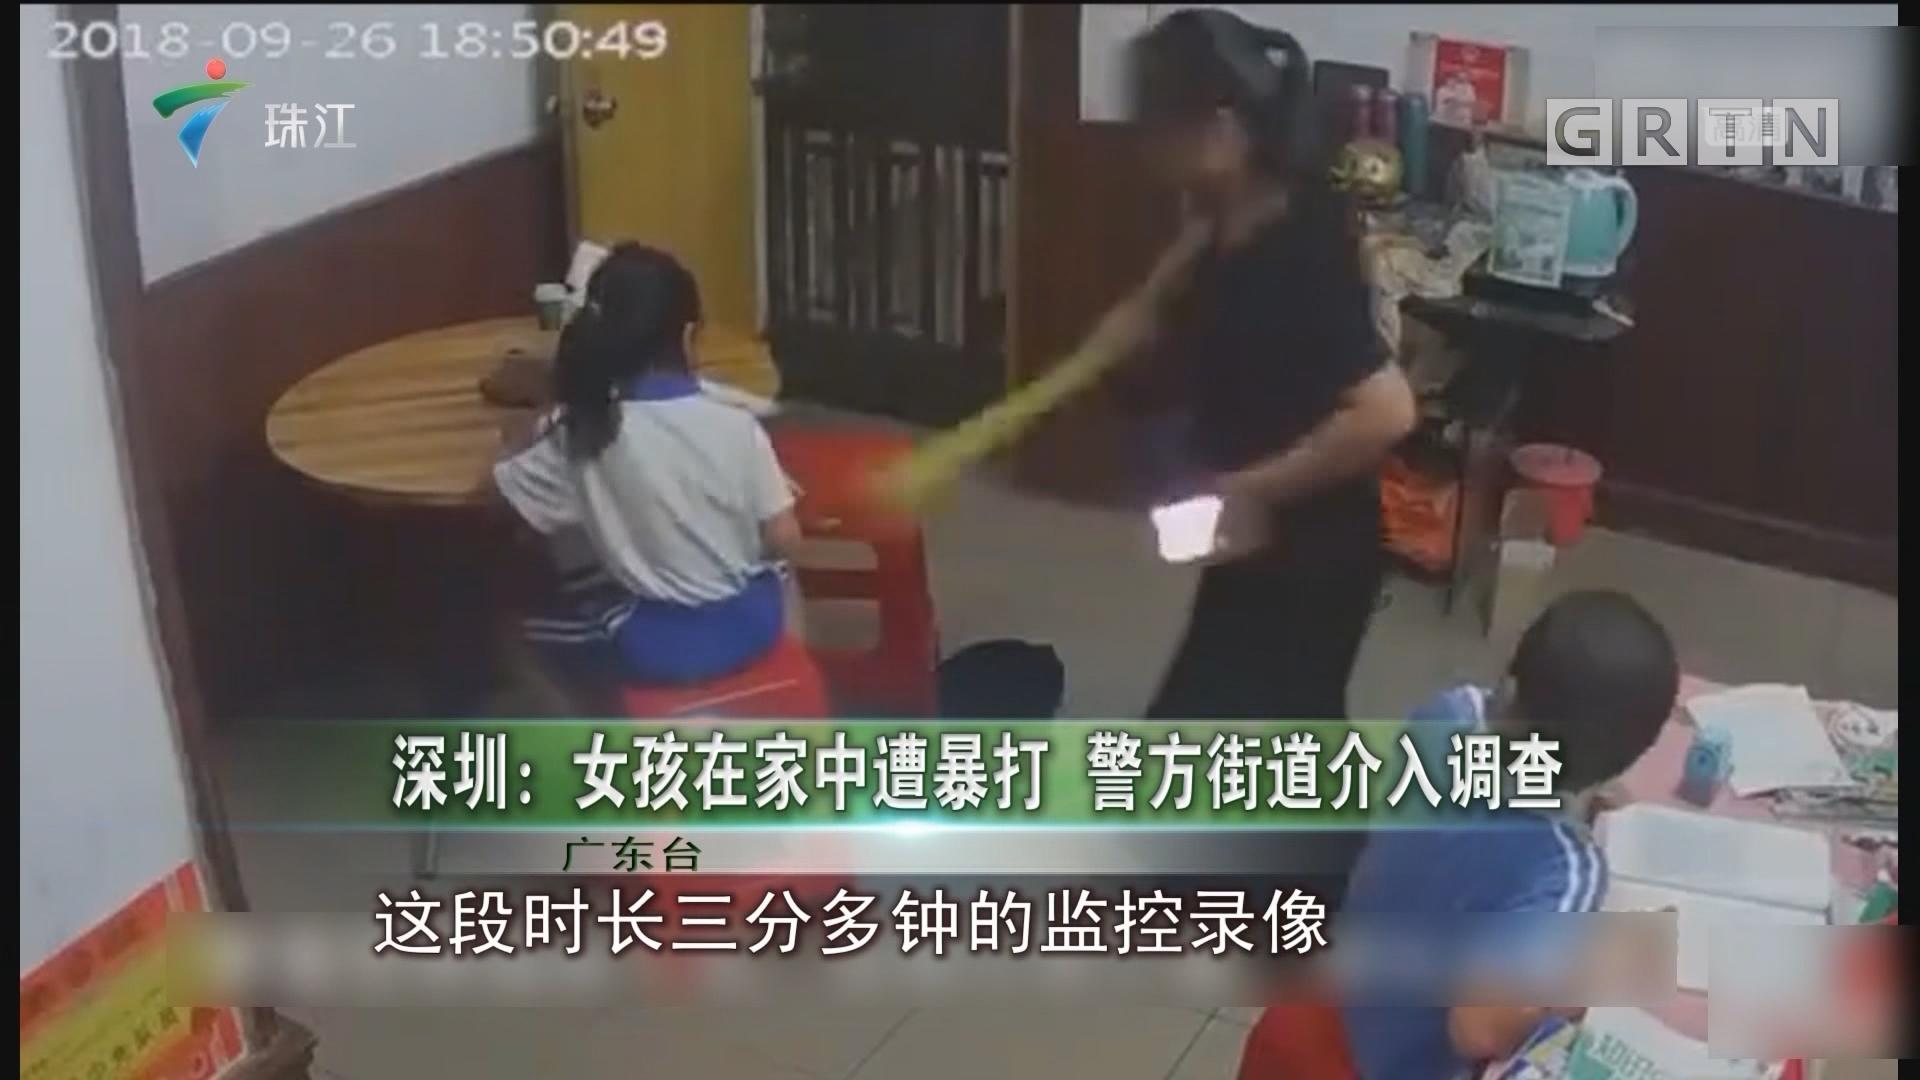 深圳:女孩在家中遭暴打 警方街道介入调查